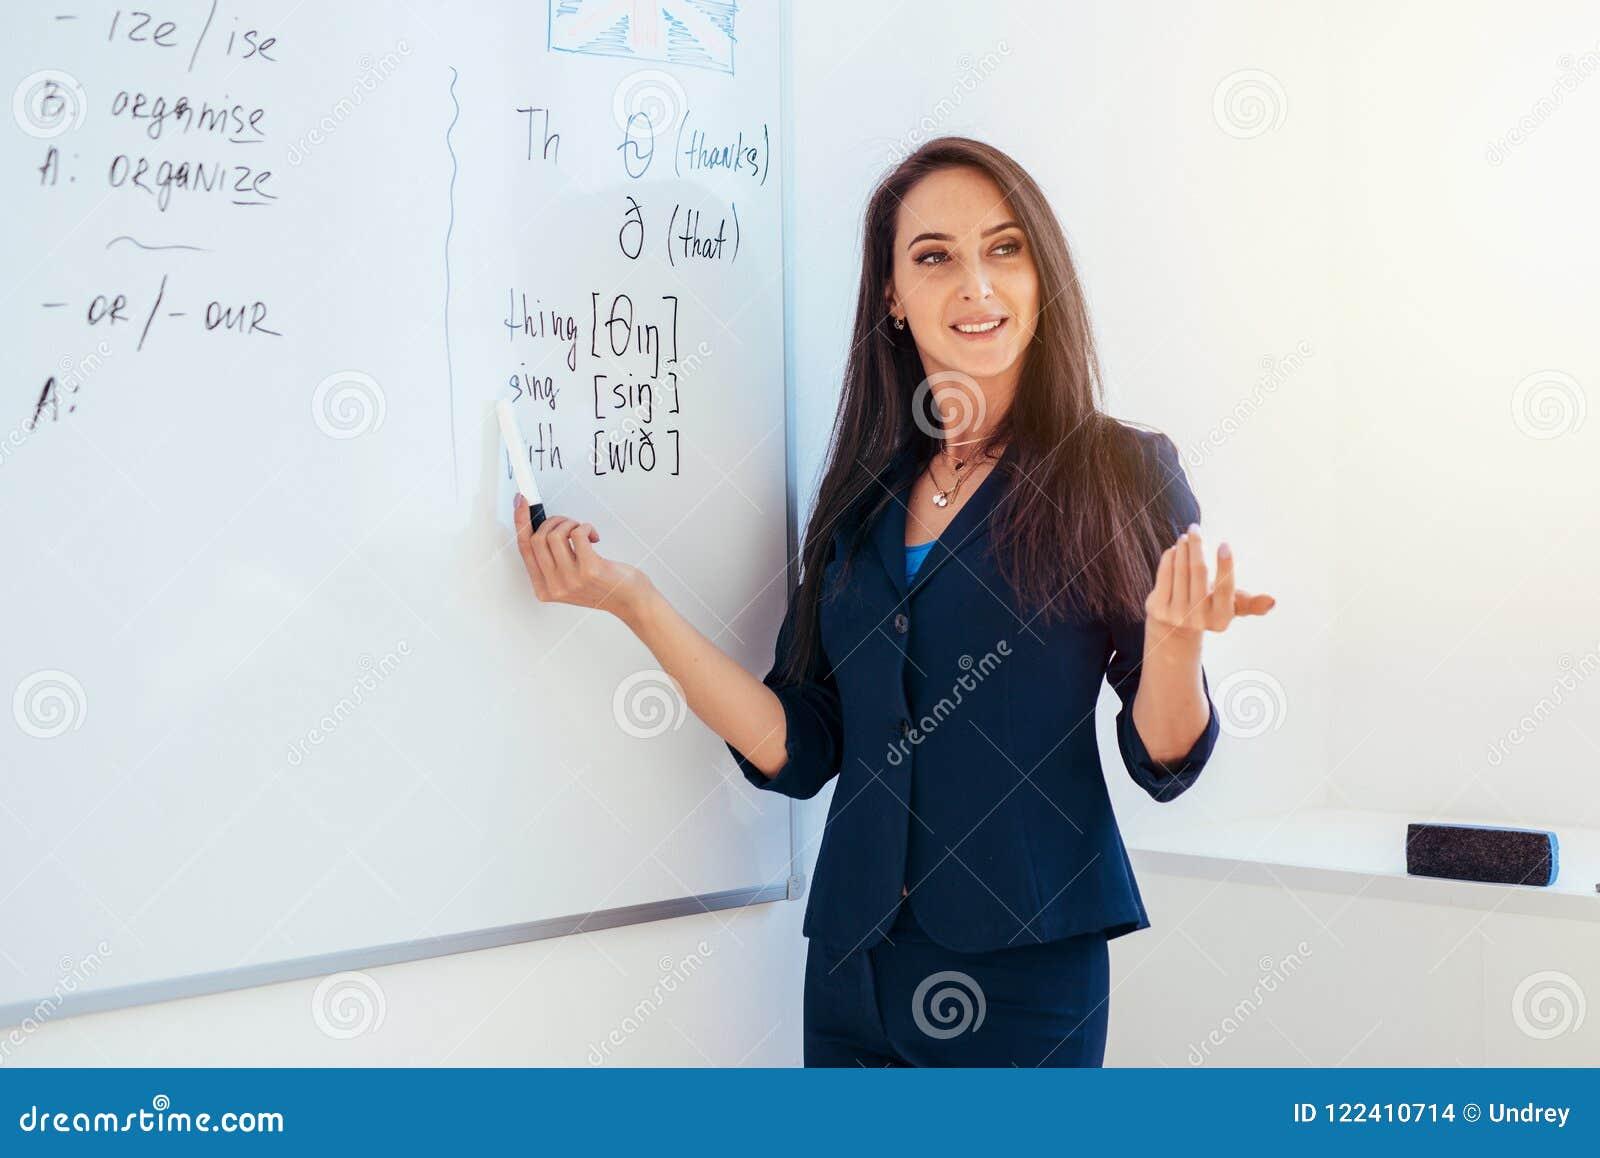 Lär det engelska språket Läraren nära whiteboard förklarar reglerna